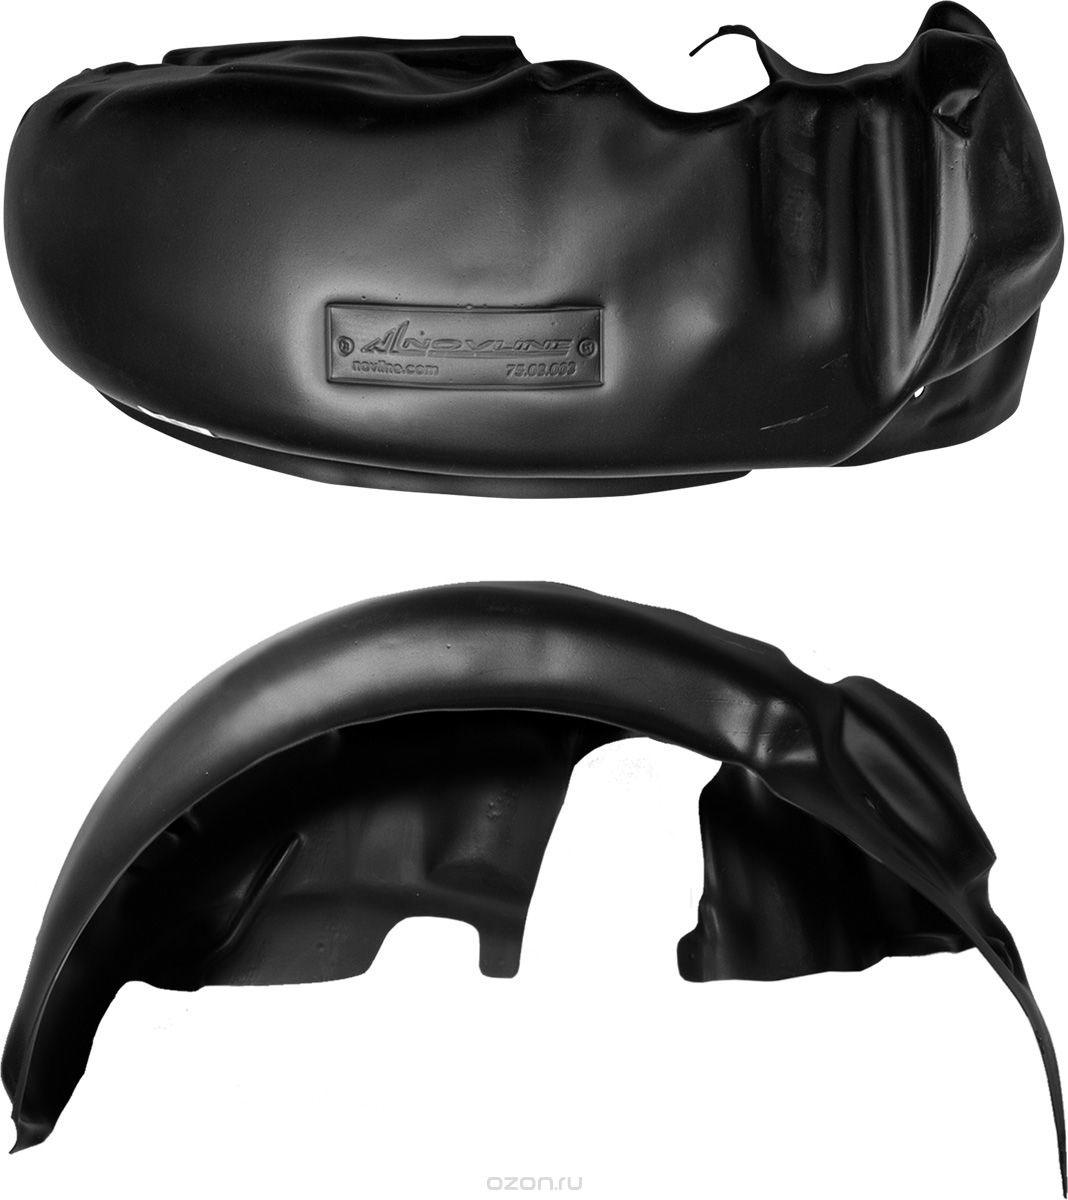 Подкрылок Novline-Autofamily, для PEUGEOT 107 2005-2014, передний правыйNLL.38.07.002Идеальная защита колесной ниши. Локеры разработаны с применением цифровых технологий, гарантируют максимальную повторяемость поверхности арки. Изделия устанавливаются без нарушения лакокрасочного покрытия автомобиля, каждый подкрылок комплектуется крепежом. Уважаемые клиенты, обращаем ваше внимание, что фотографии на подкрылки универсальные и не отражают реальную форму изделия. При этом само изделие идет точно под размер указанного автомобиля.